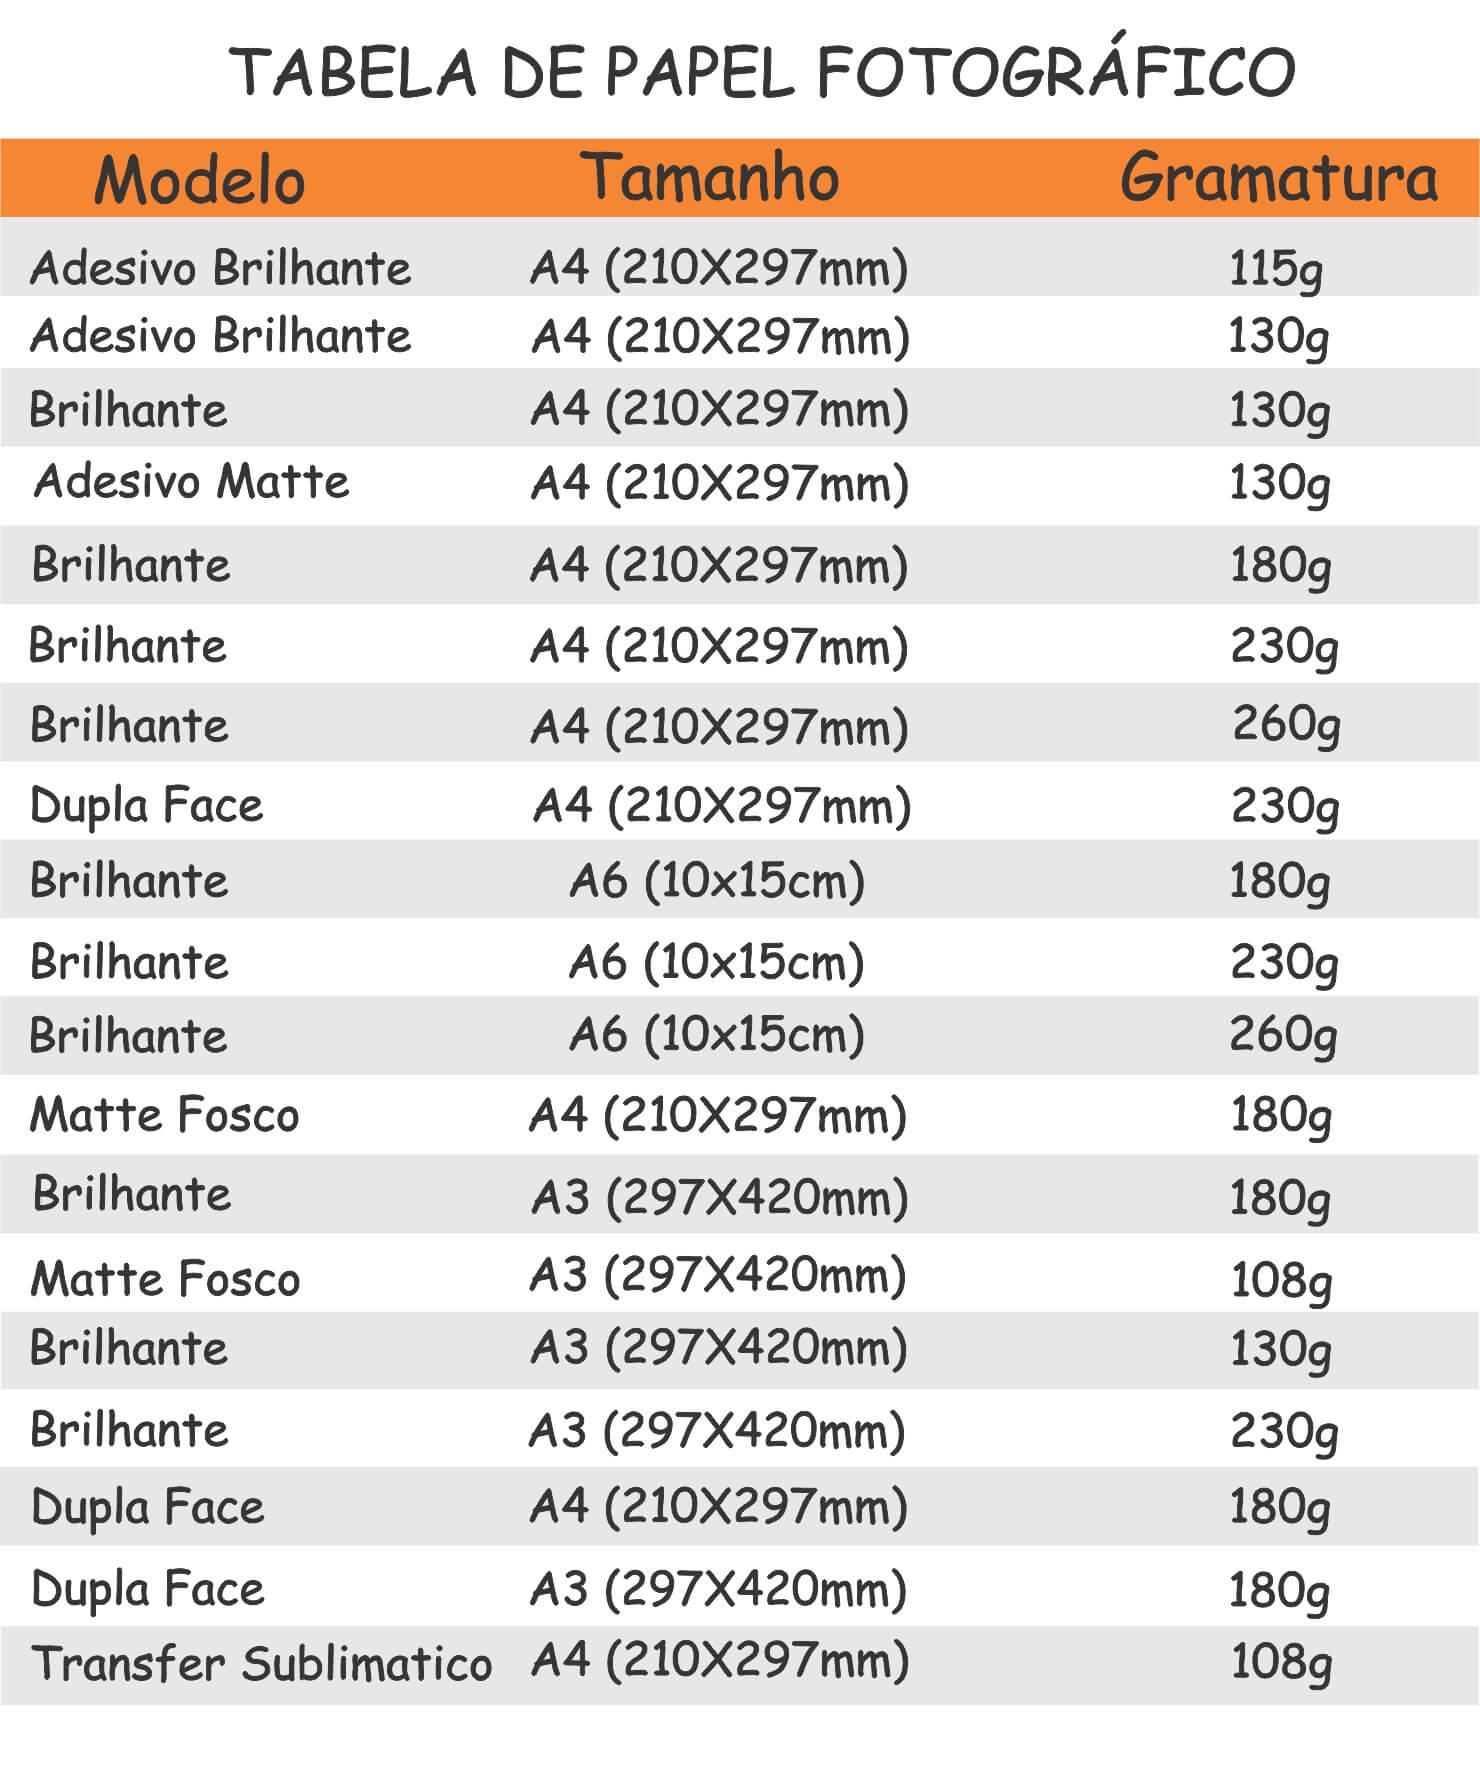 Papel Fotográfico 130g Adesivo fosco Matte A4 210x297mm Cassmar 1000 Fls